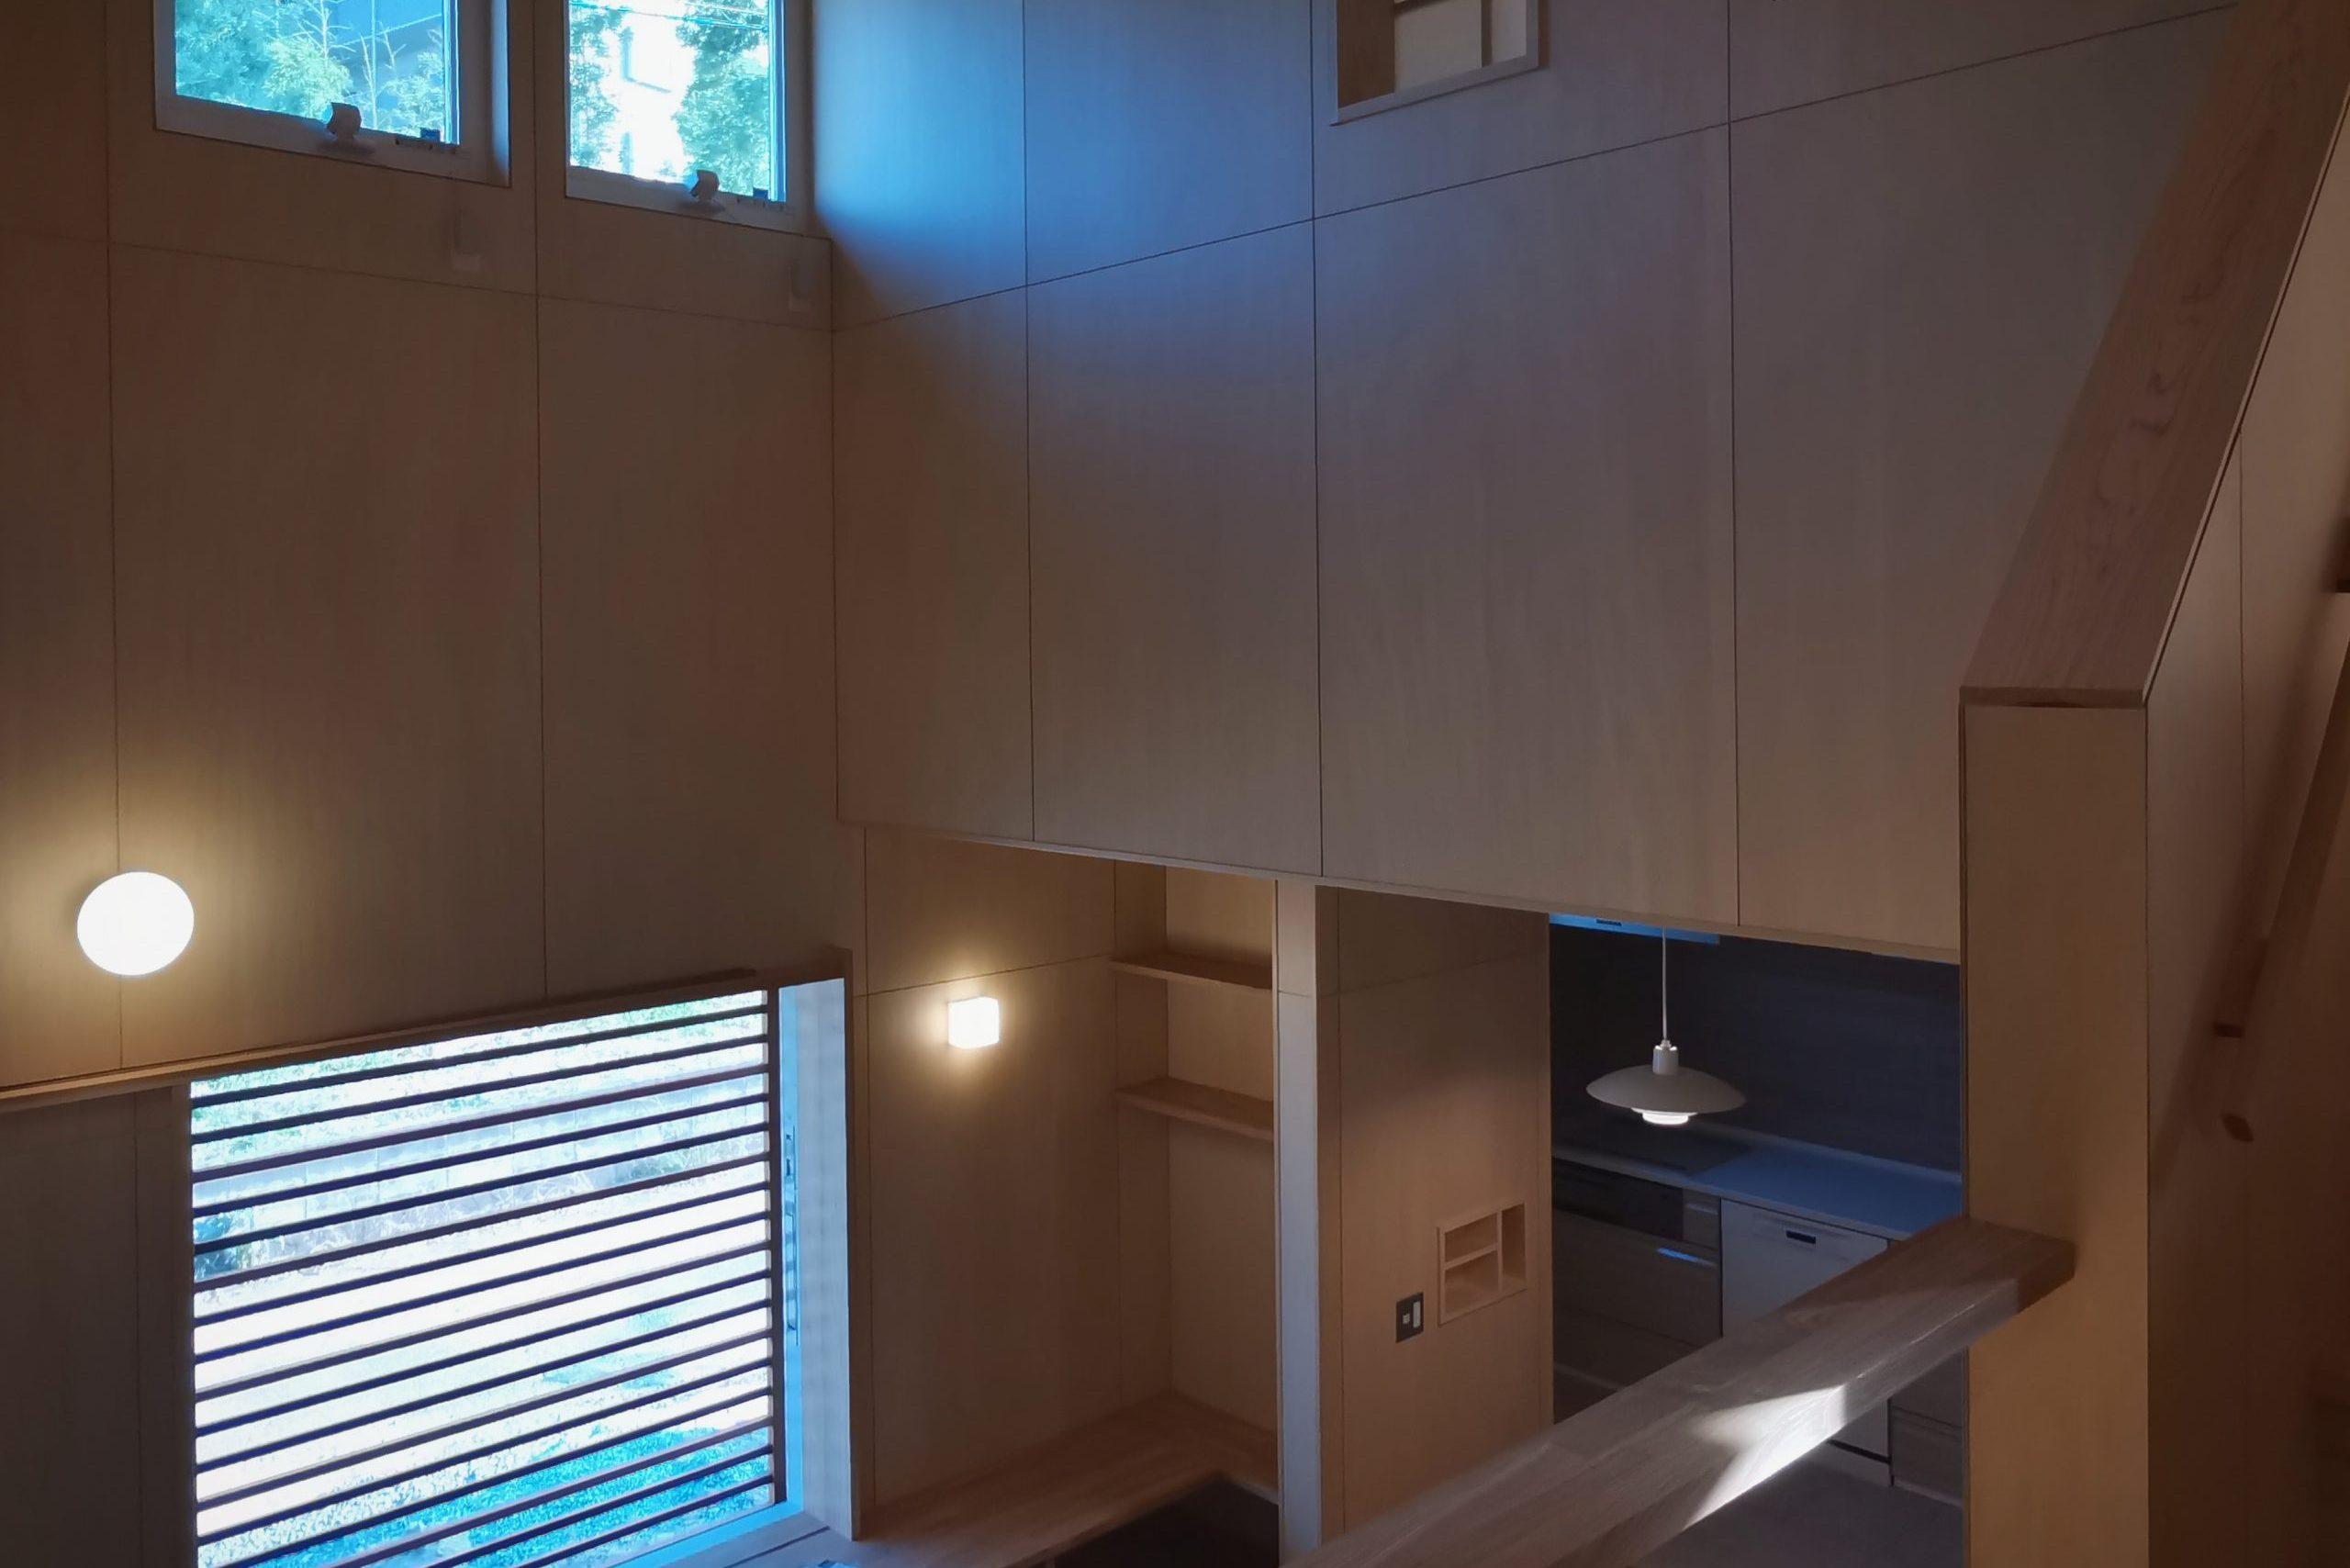 田迎の住宅:吹抜け空間は外の明るさと室内の落ち着いた照明、そしてシナの柔らかい木肌で、こころ穏やかな時間が過ごせます。